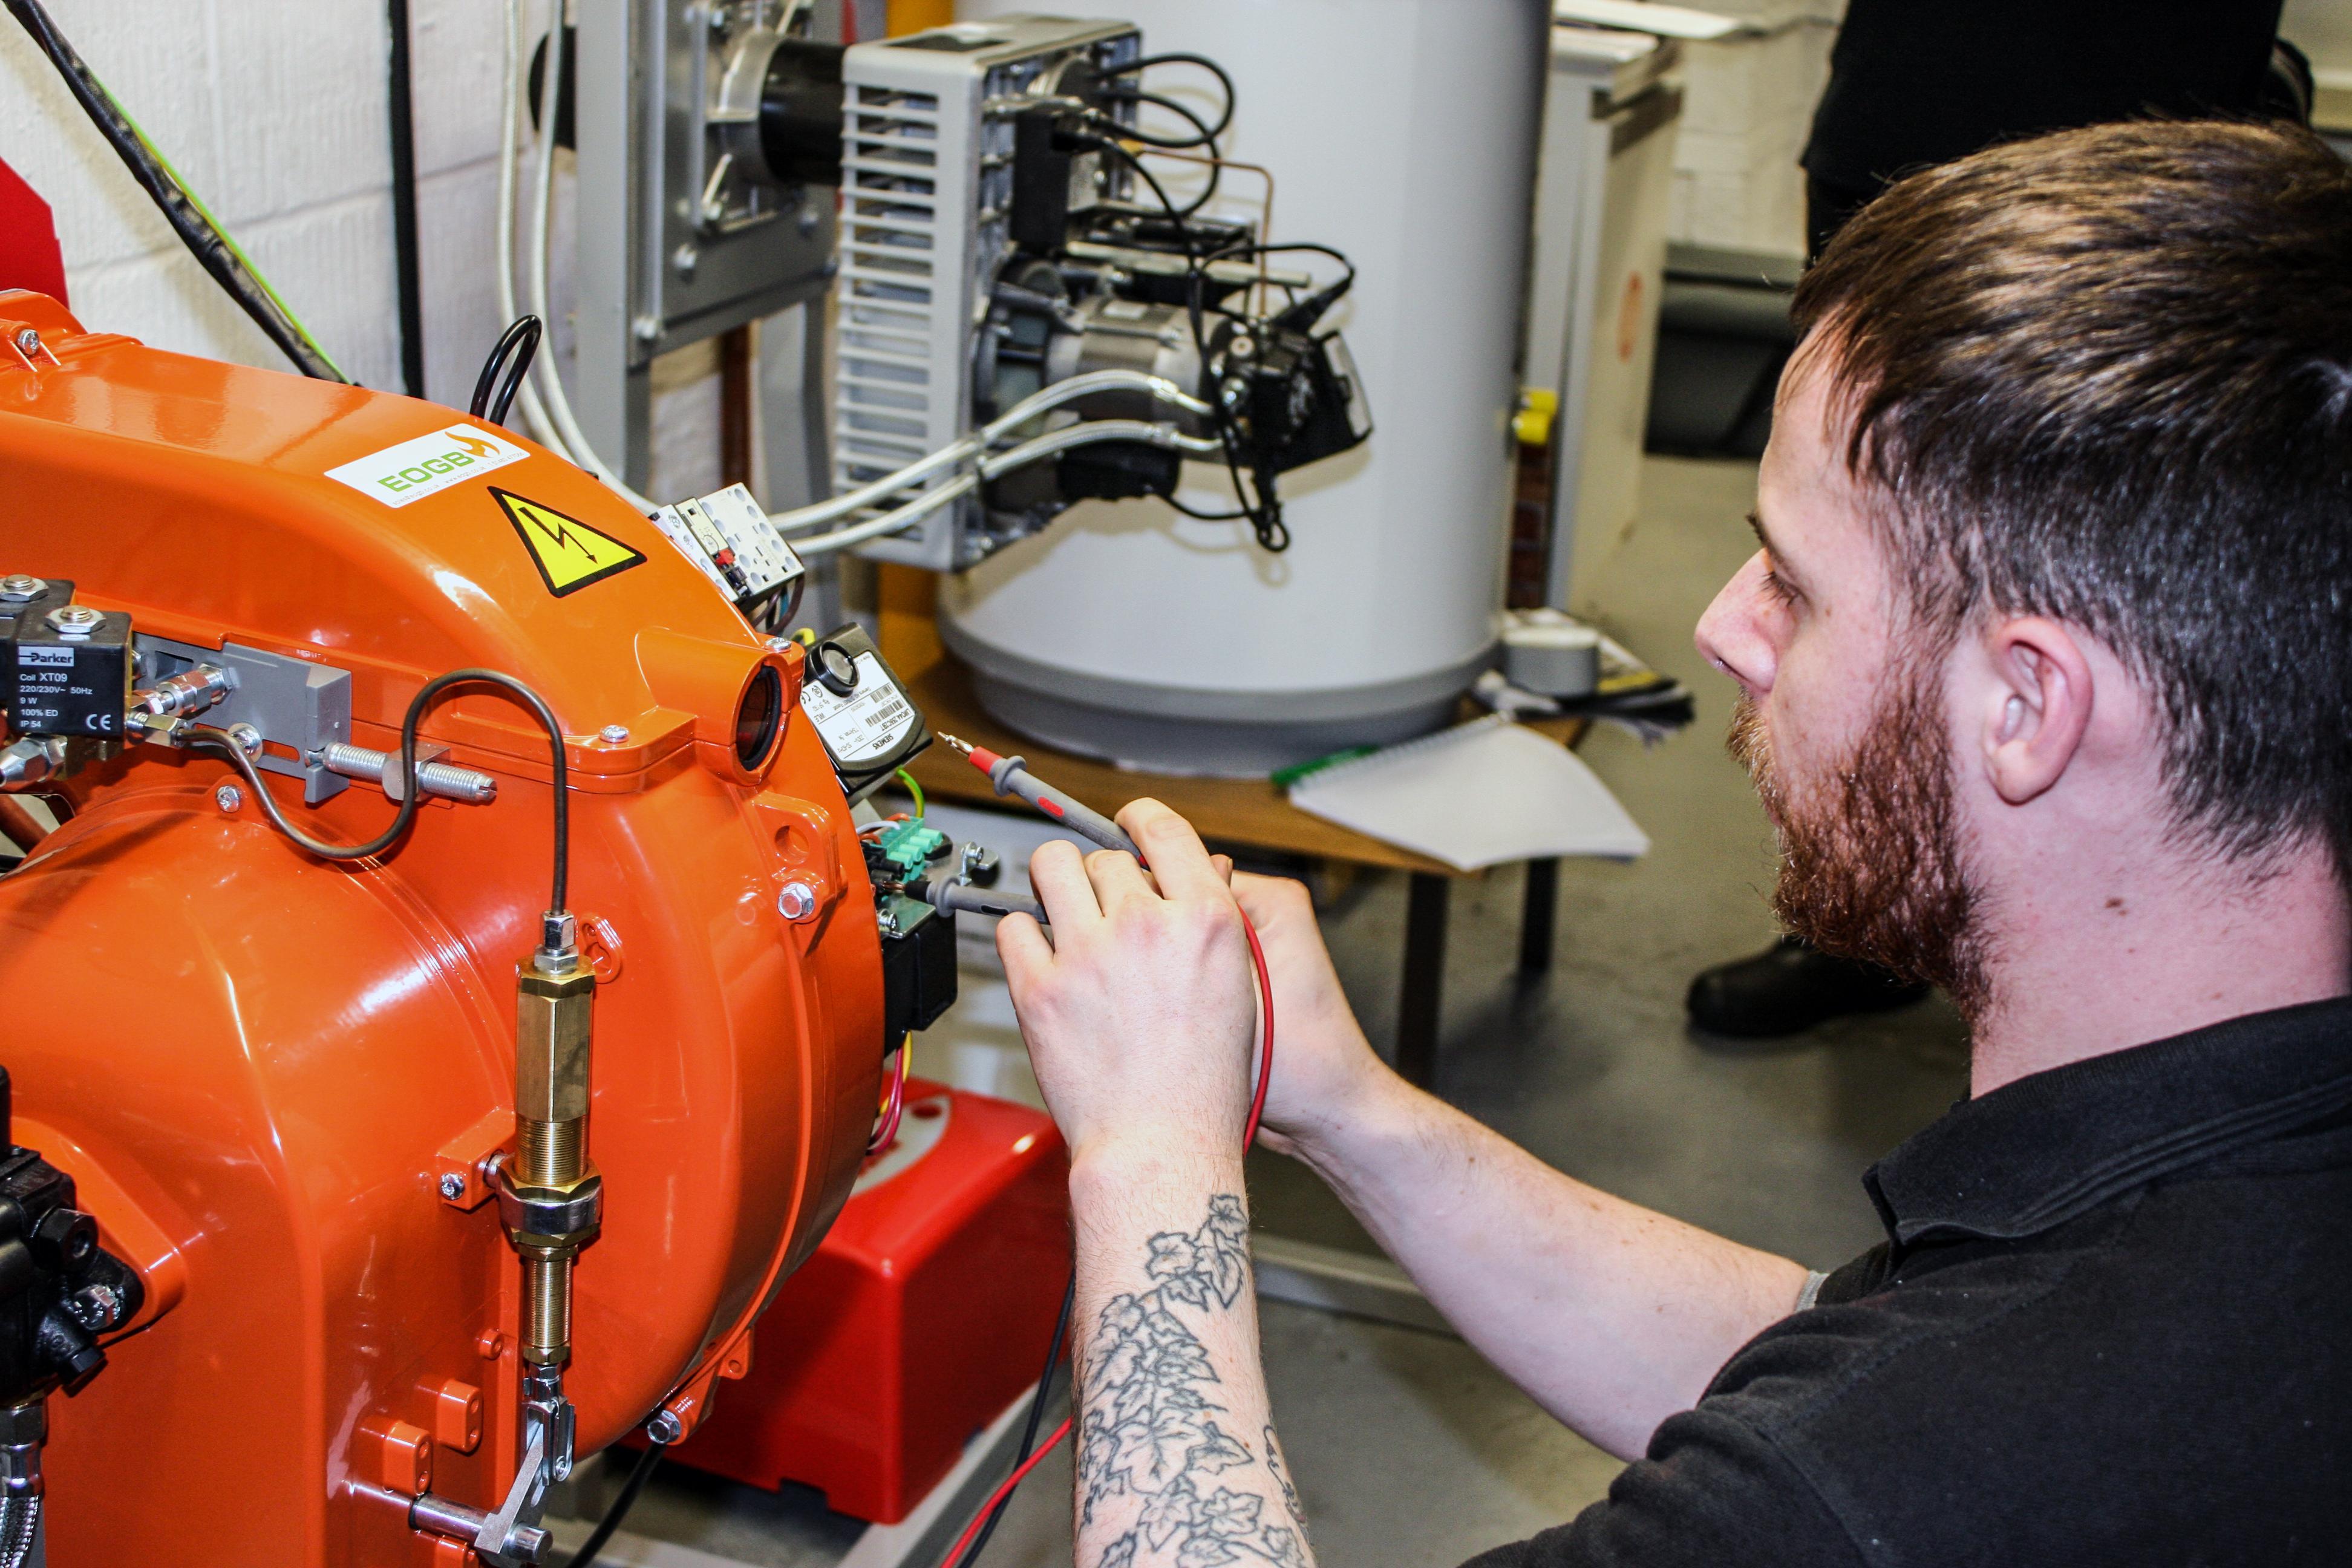 OFTEC 201 training assessment burners